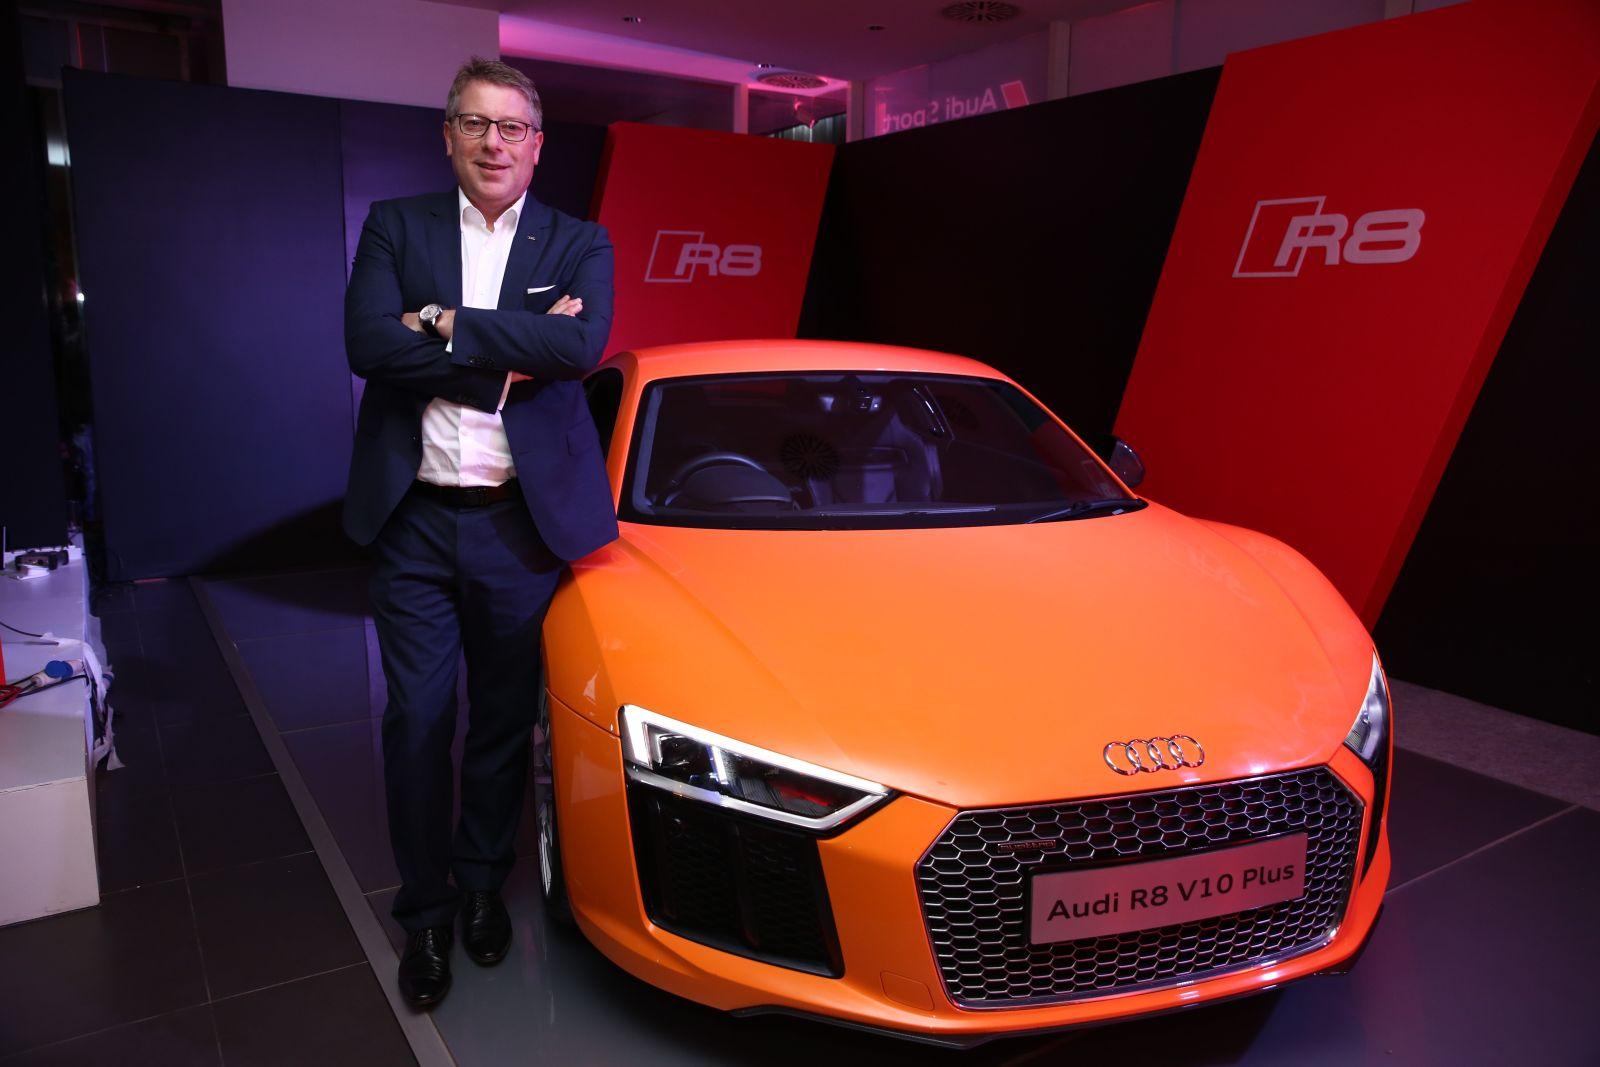 Audi Mumbai West launches the R8 V10 plus in Mumbai (1)